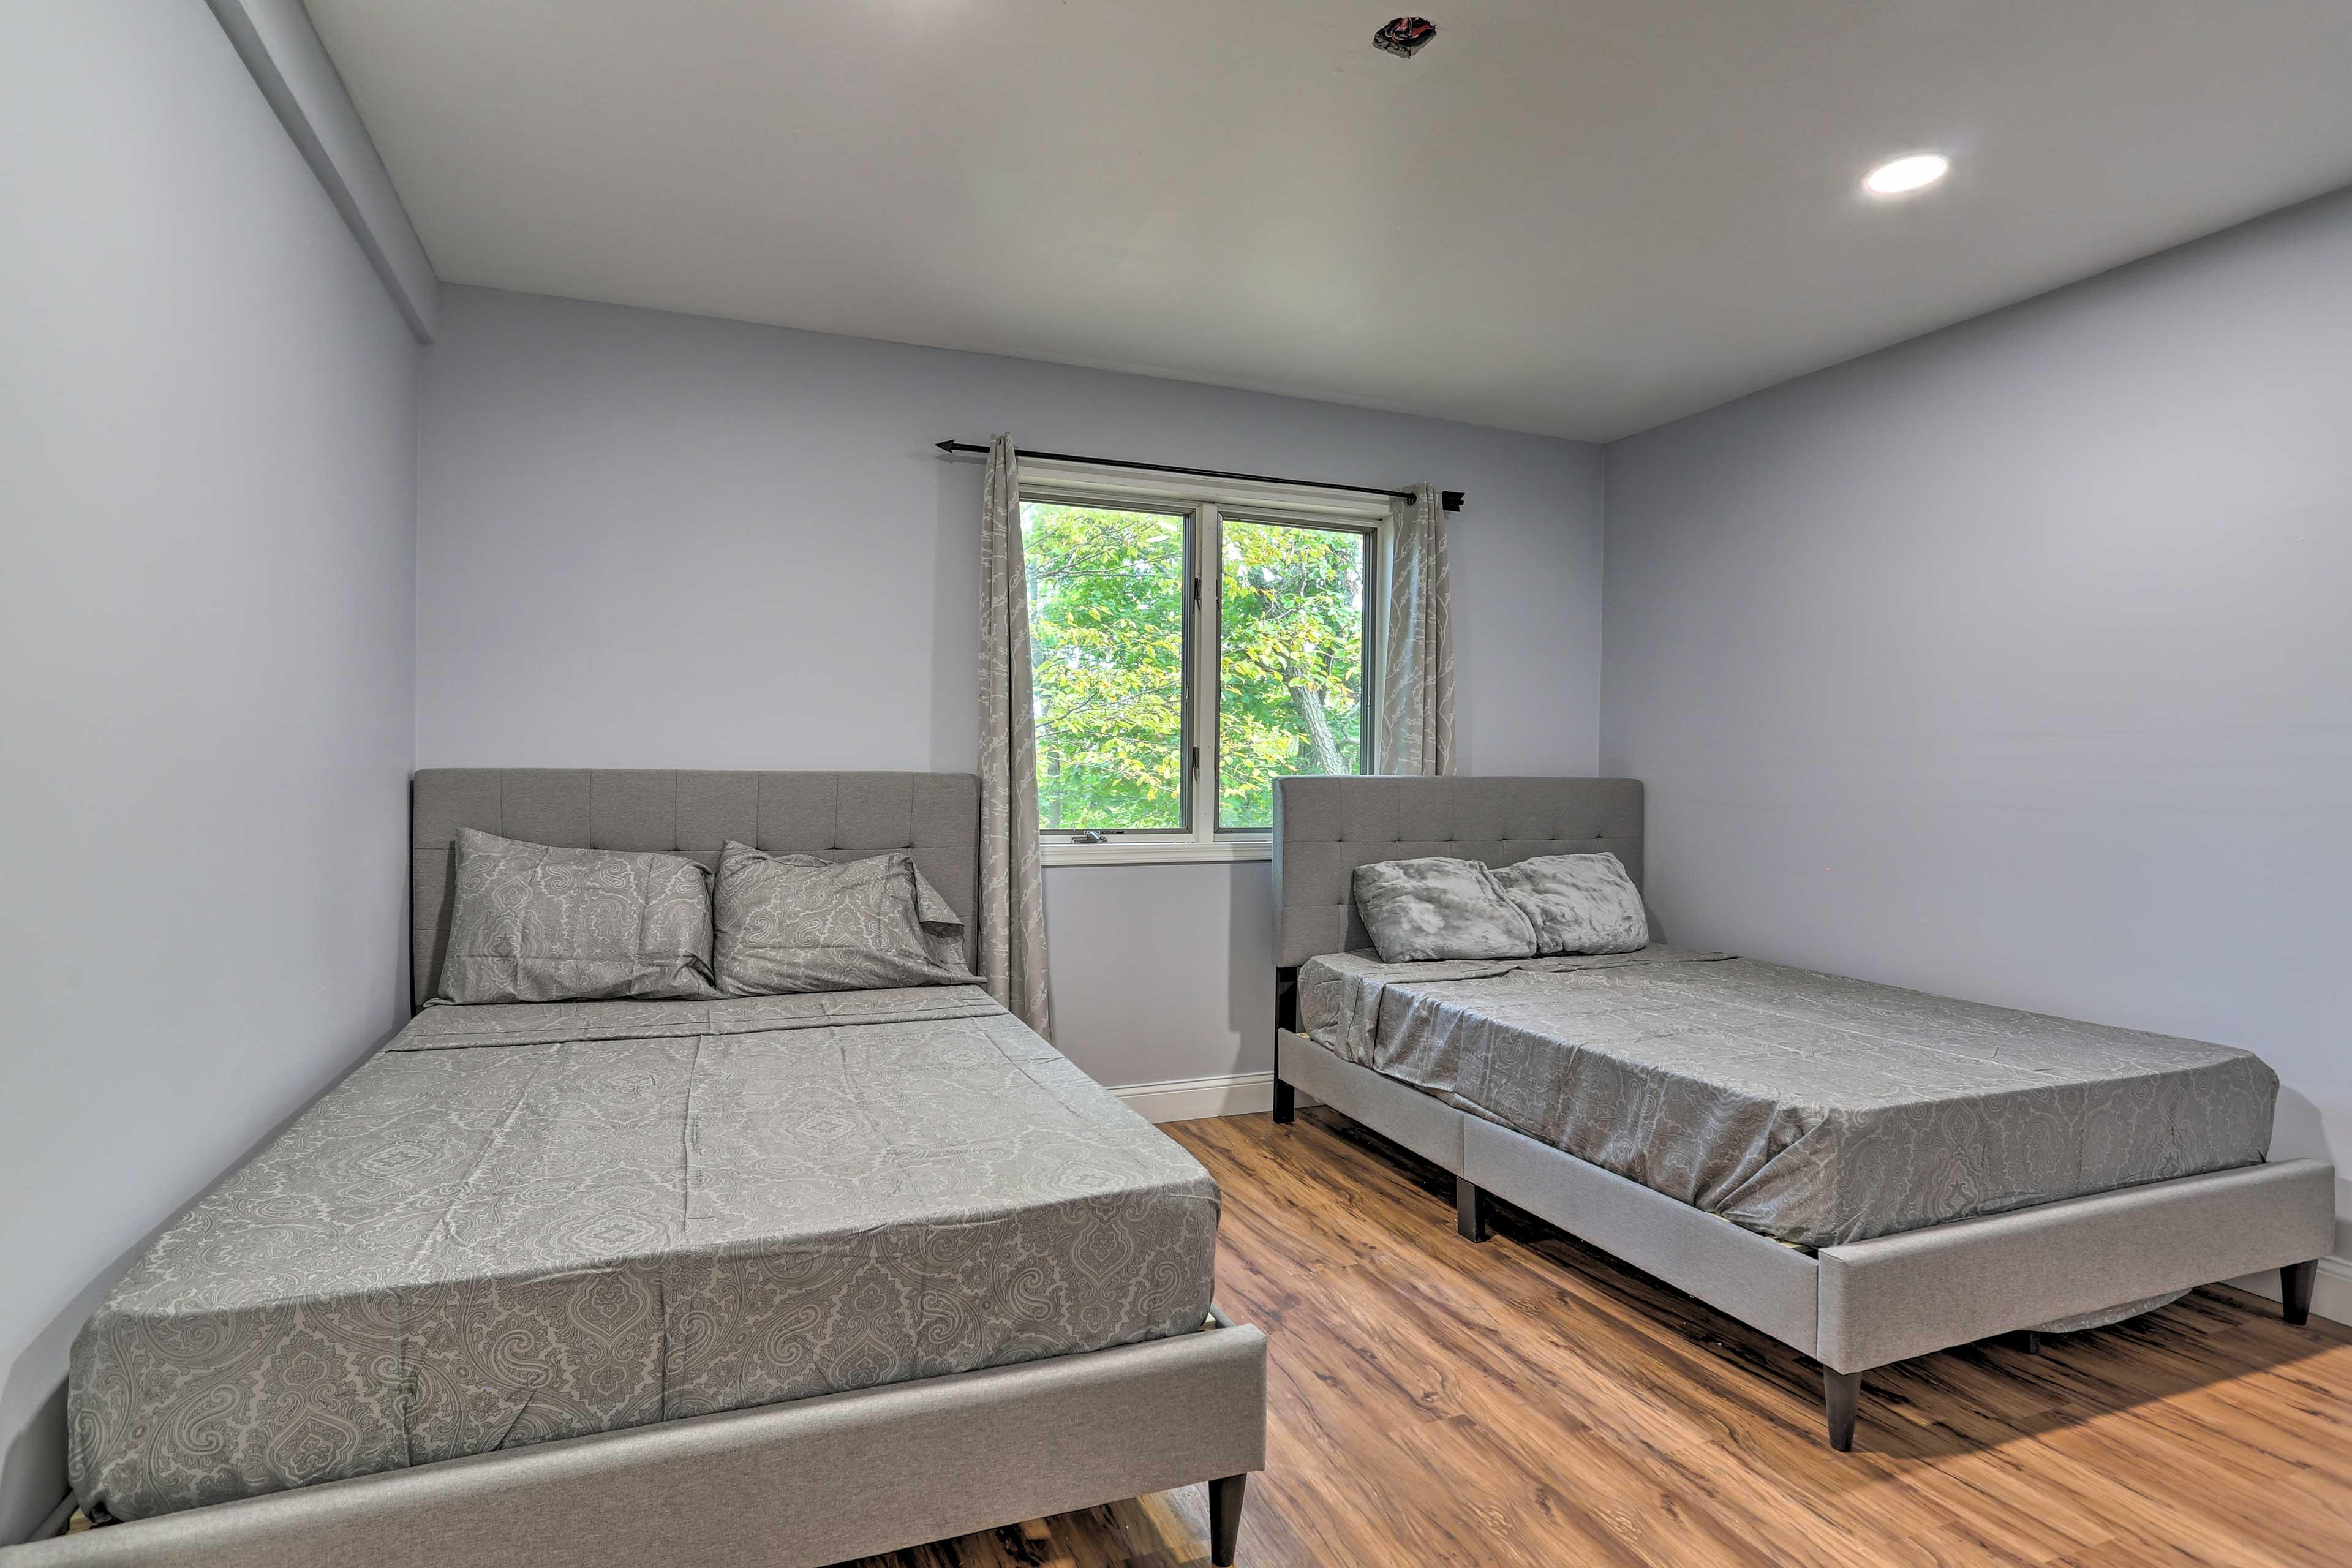 Bedroom 5 | 2 Full Beds